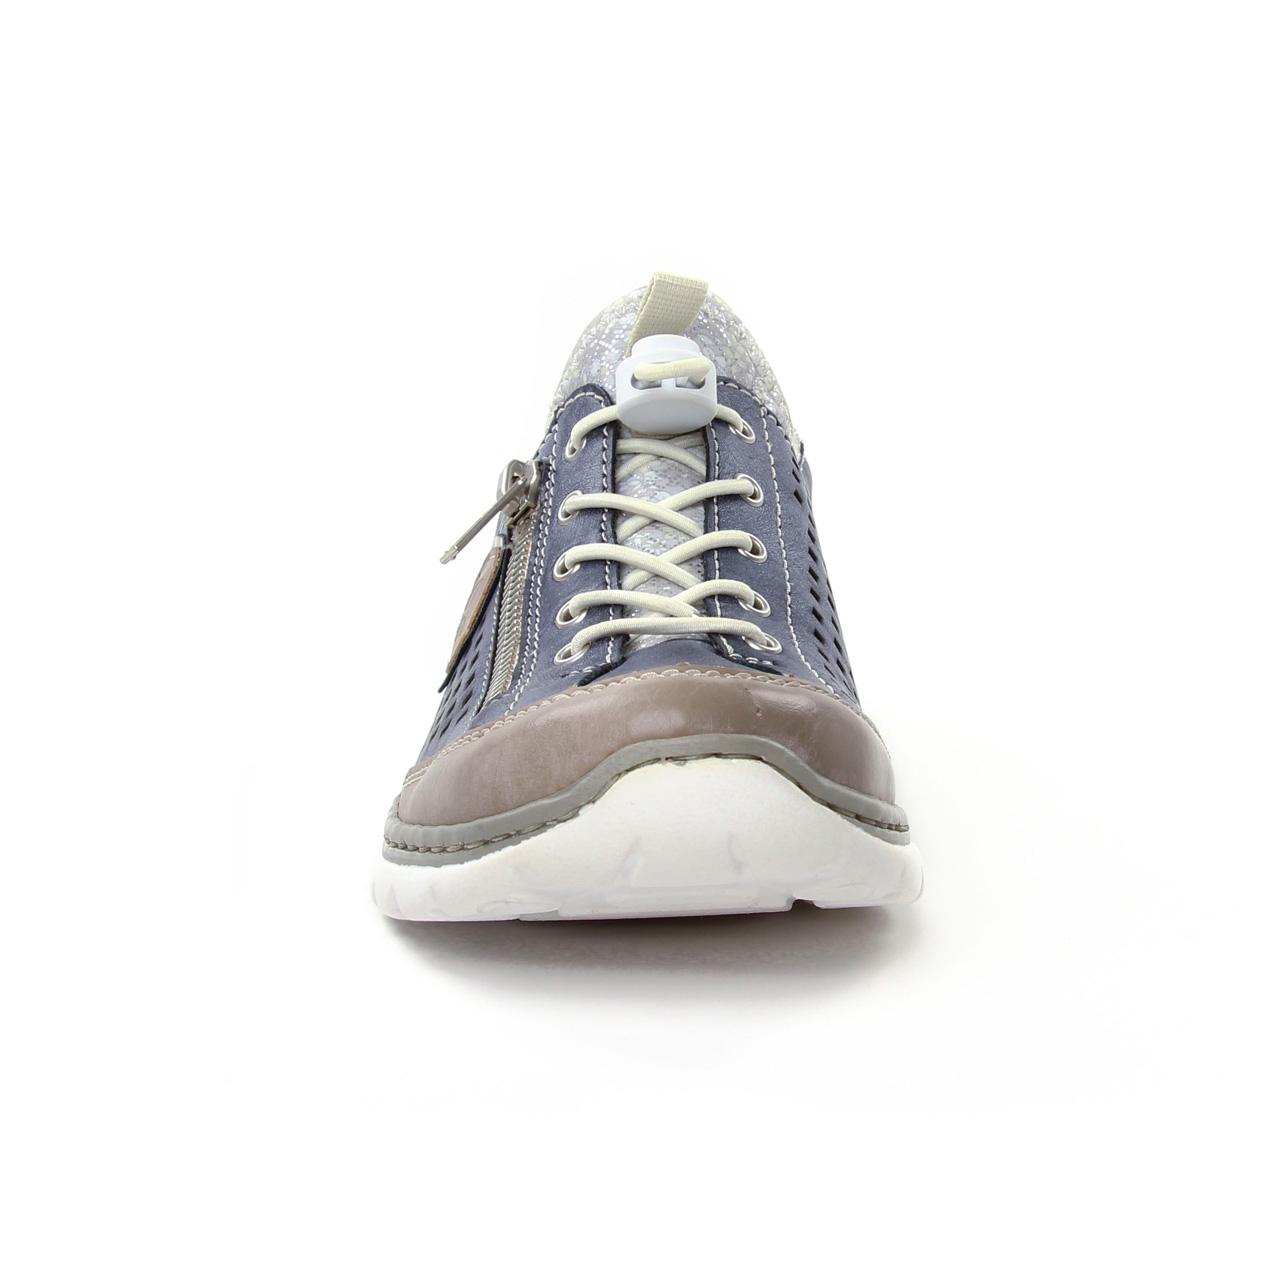 Rieker L3296 42 Stell Jeans   basket mode bleu gris